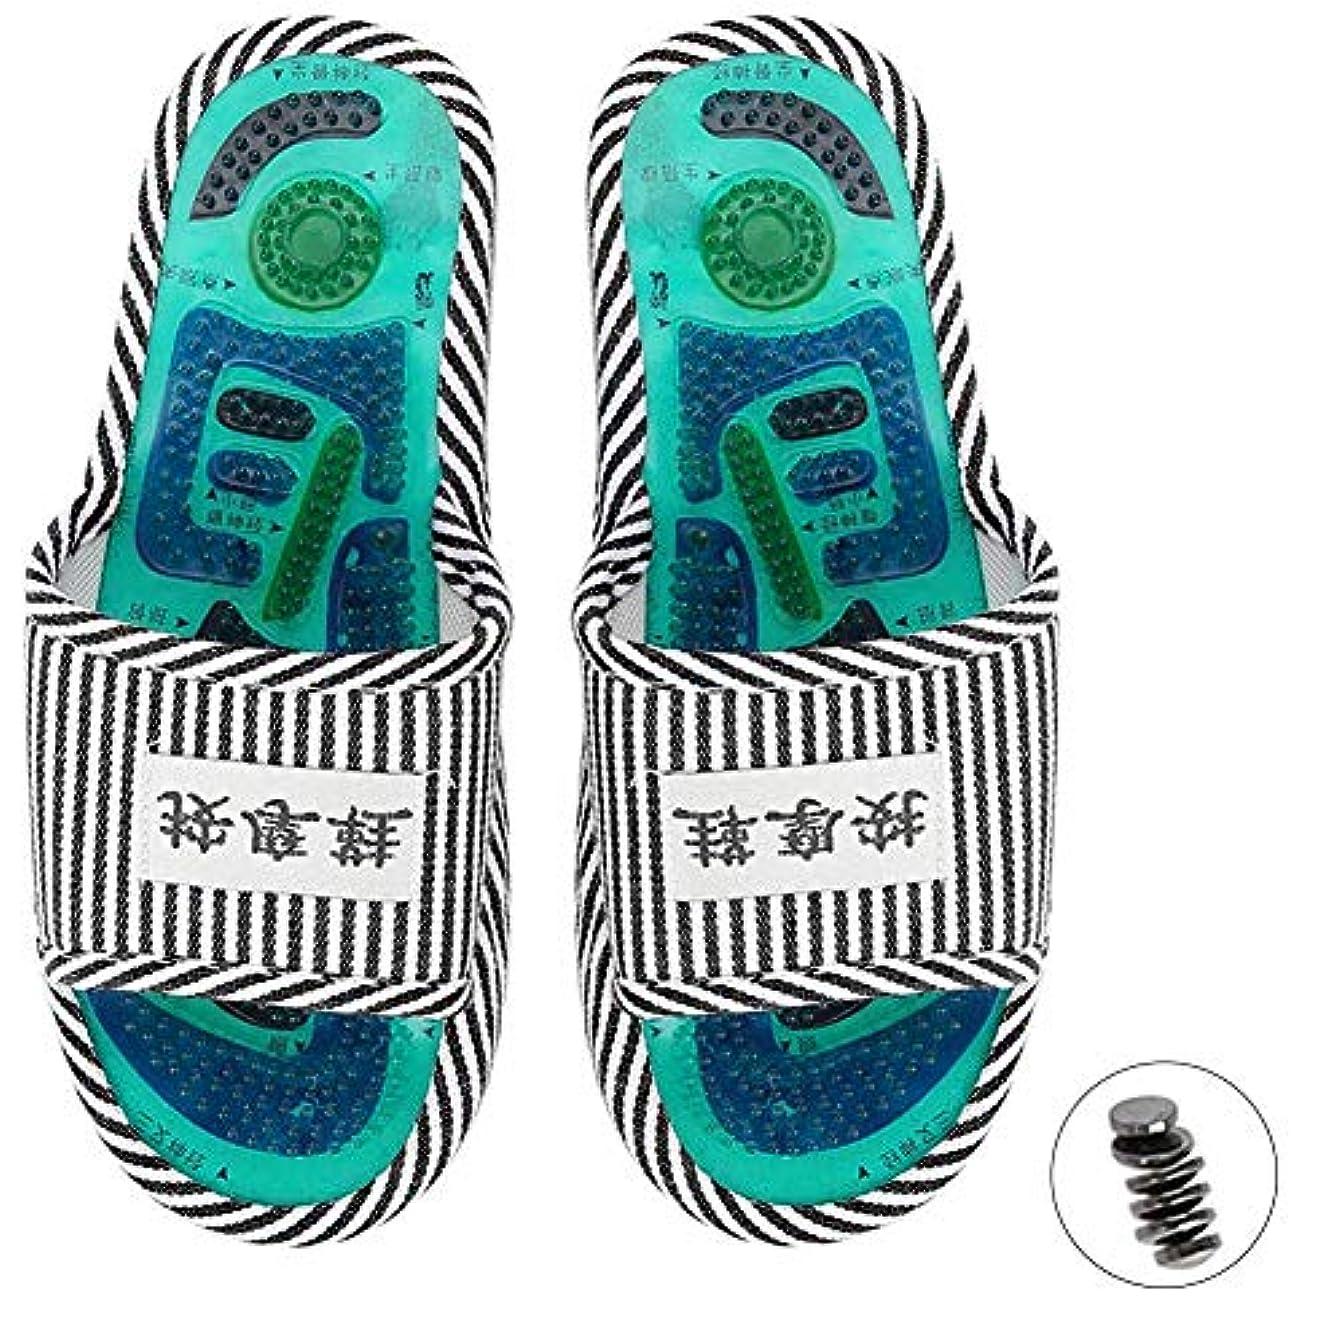 失態コショウ羽マッサージスリッパ、足指圧マッサージ 磁気ストーン 健康な足のケア マッサージボール 男性女性用(1)